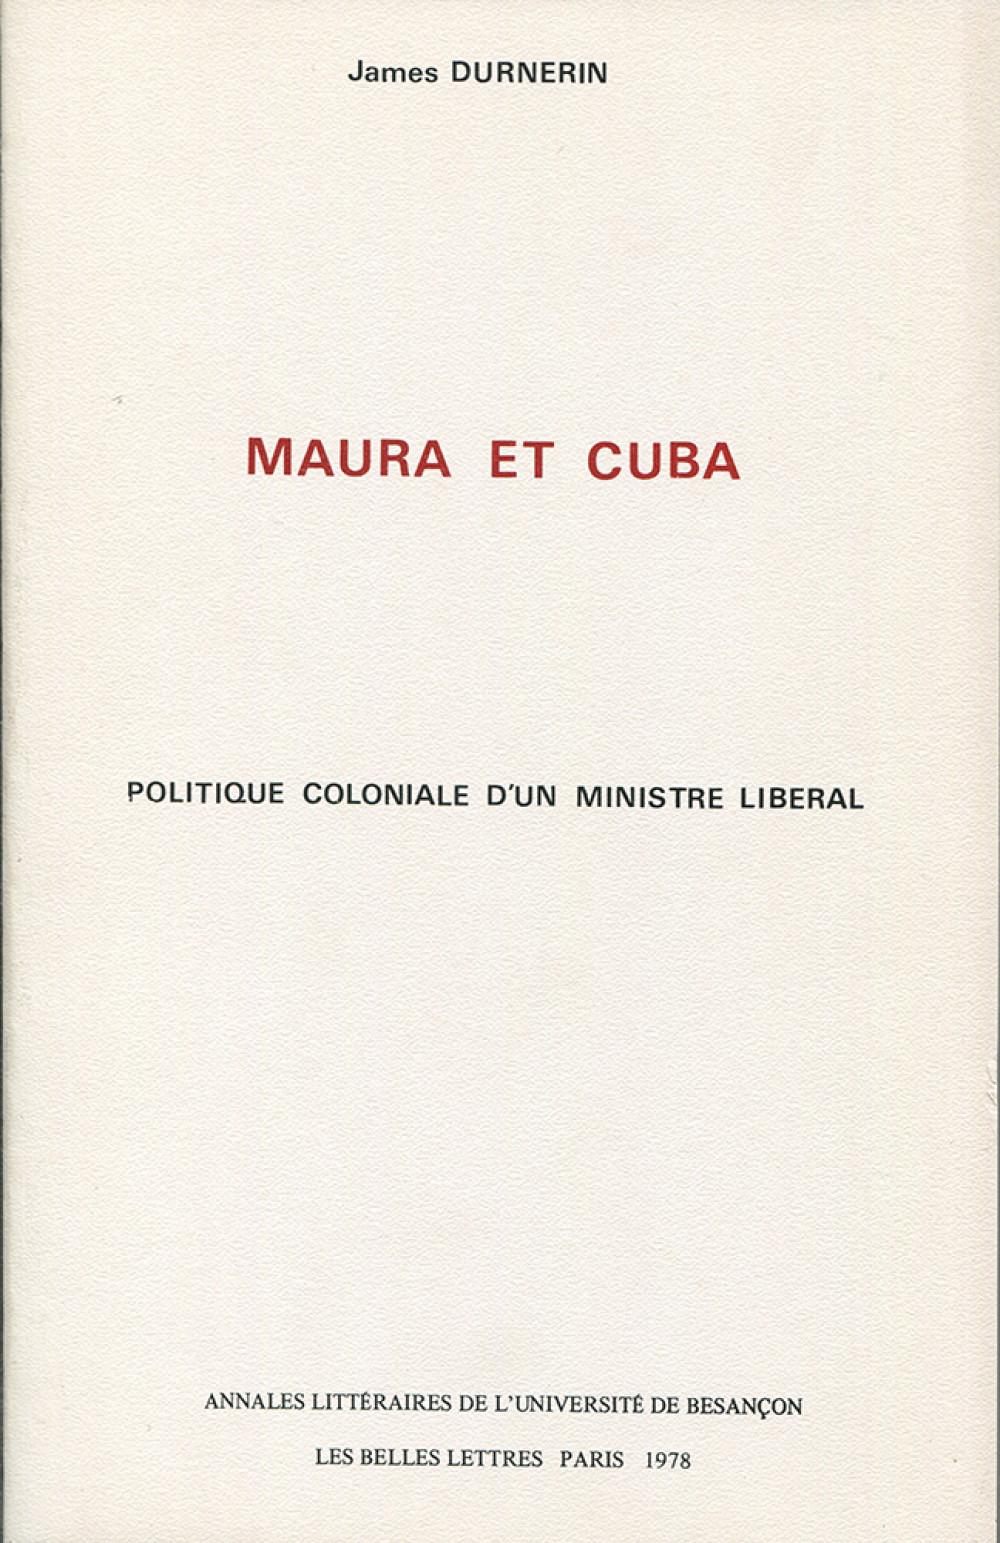 Maura et Cuba